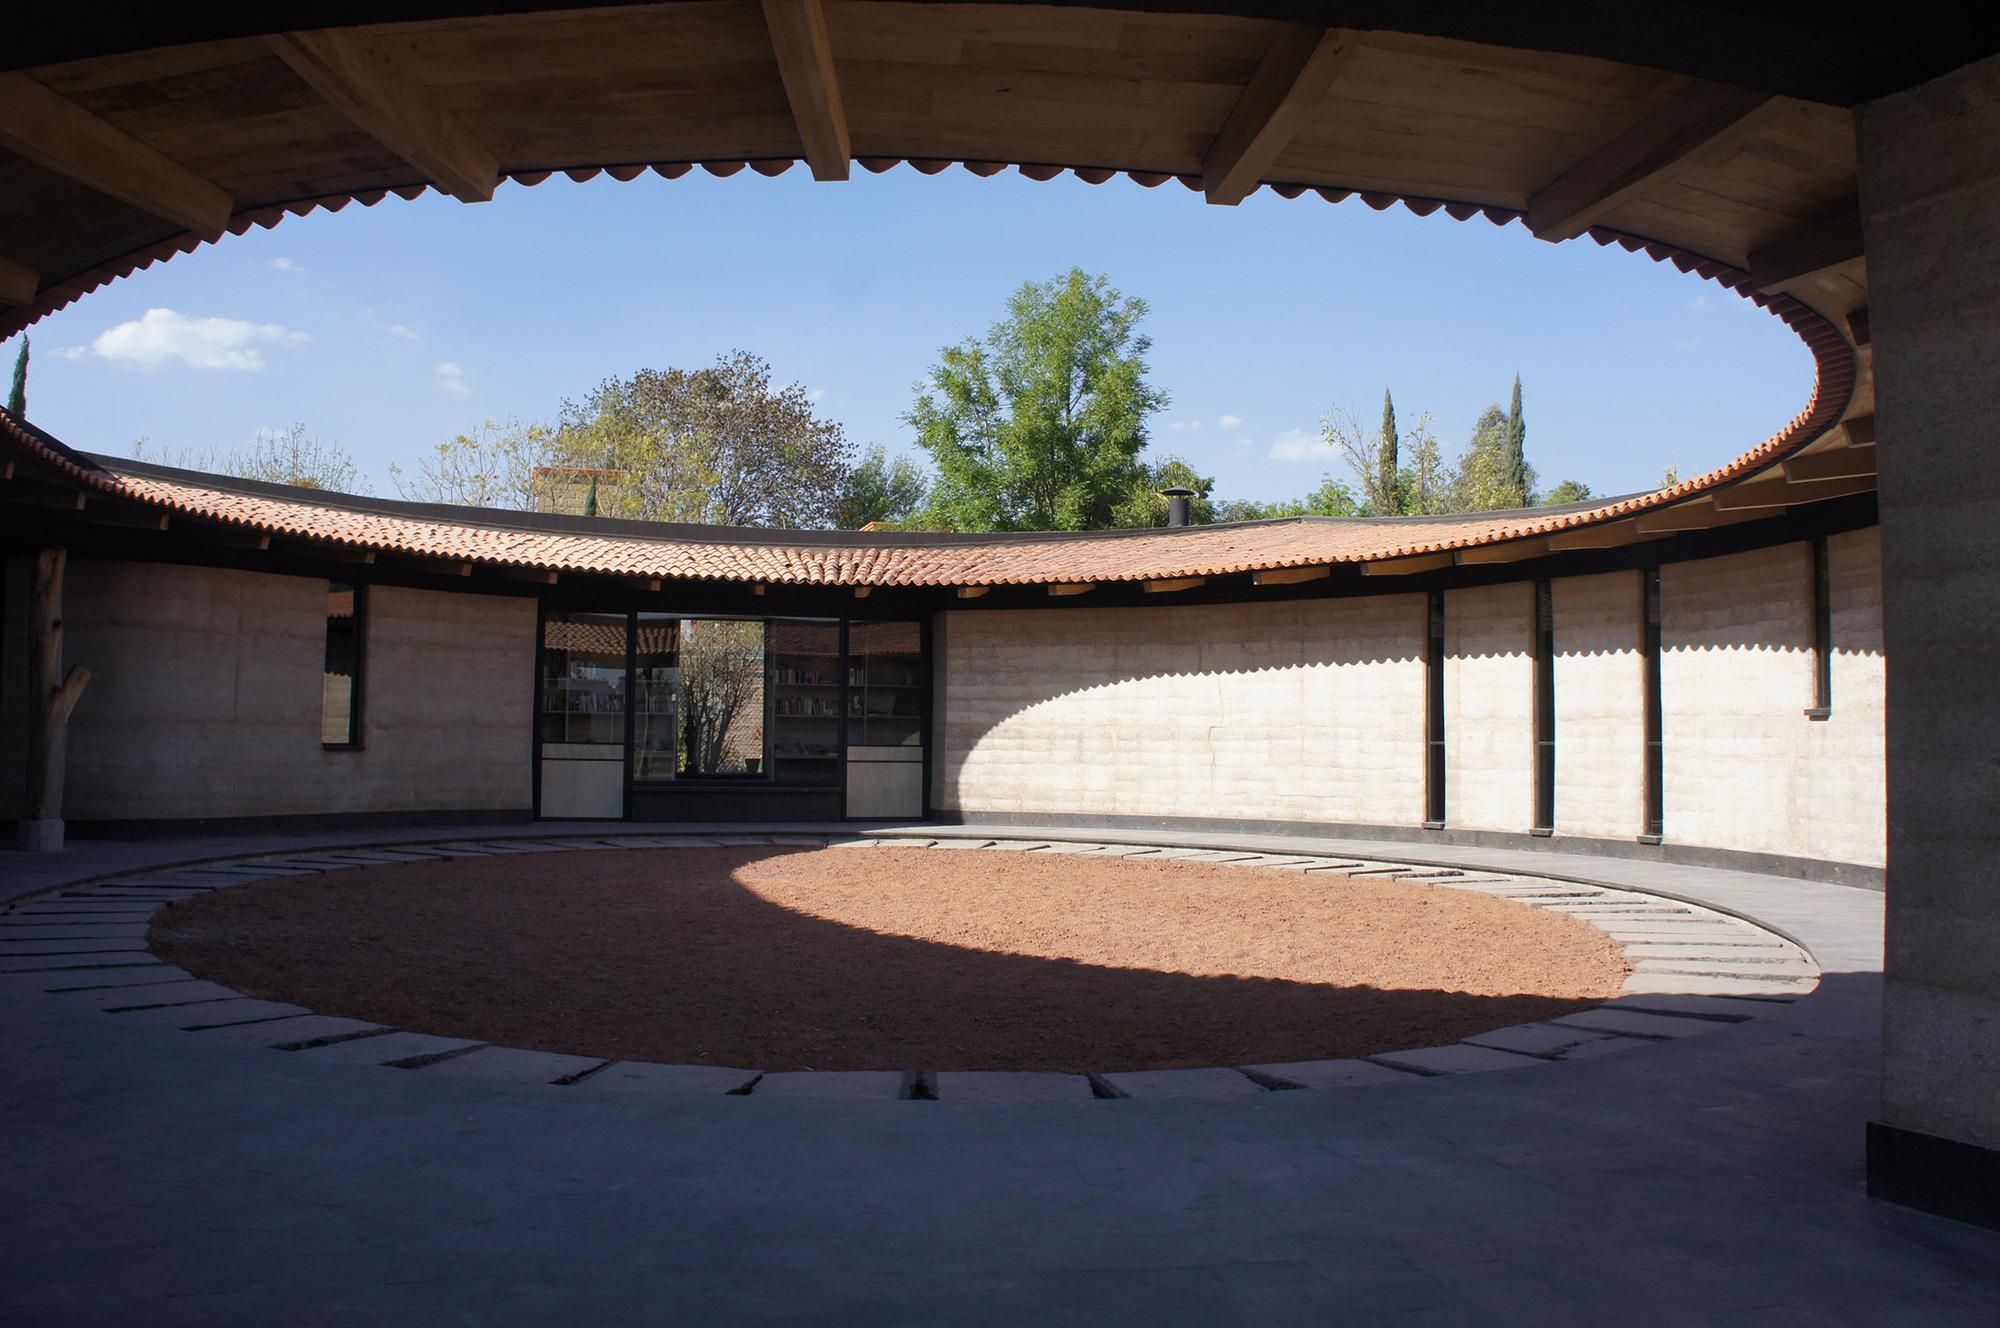 Casa-Estúdio Sabinos / Juan Carlos Loyo Arquitectura, © Juan Carlos Loyo